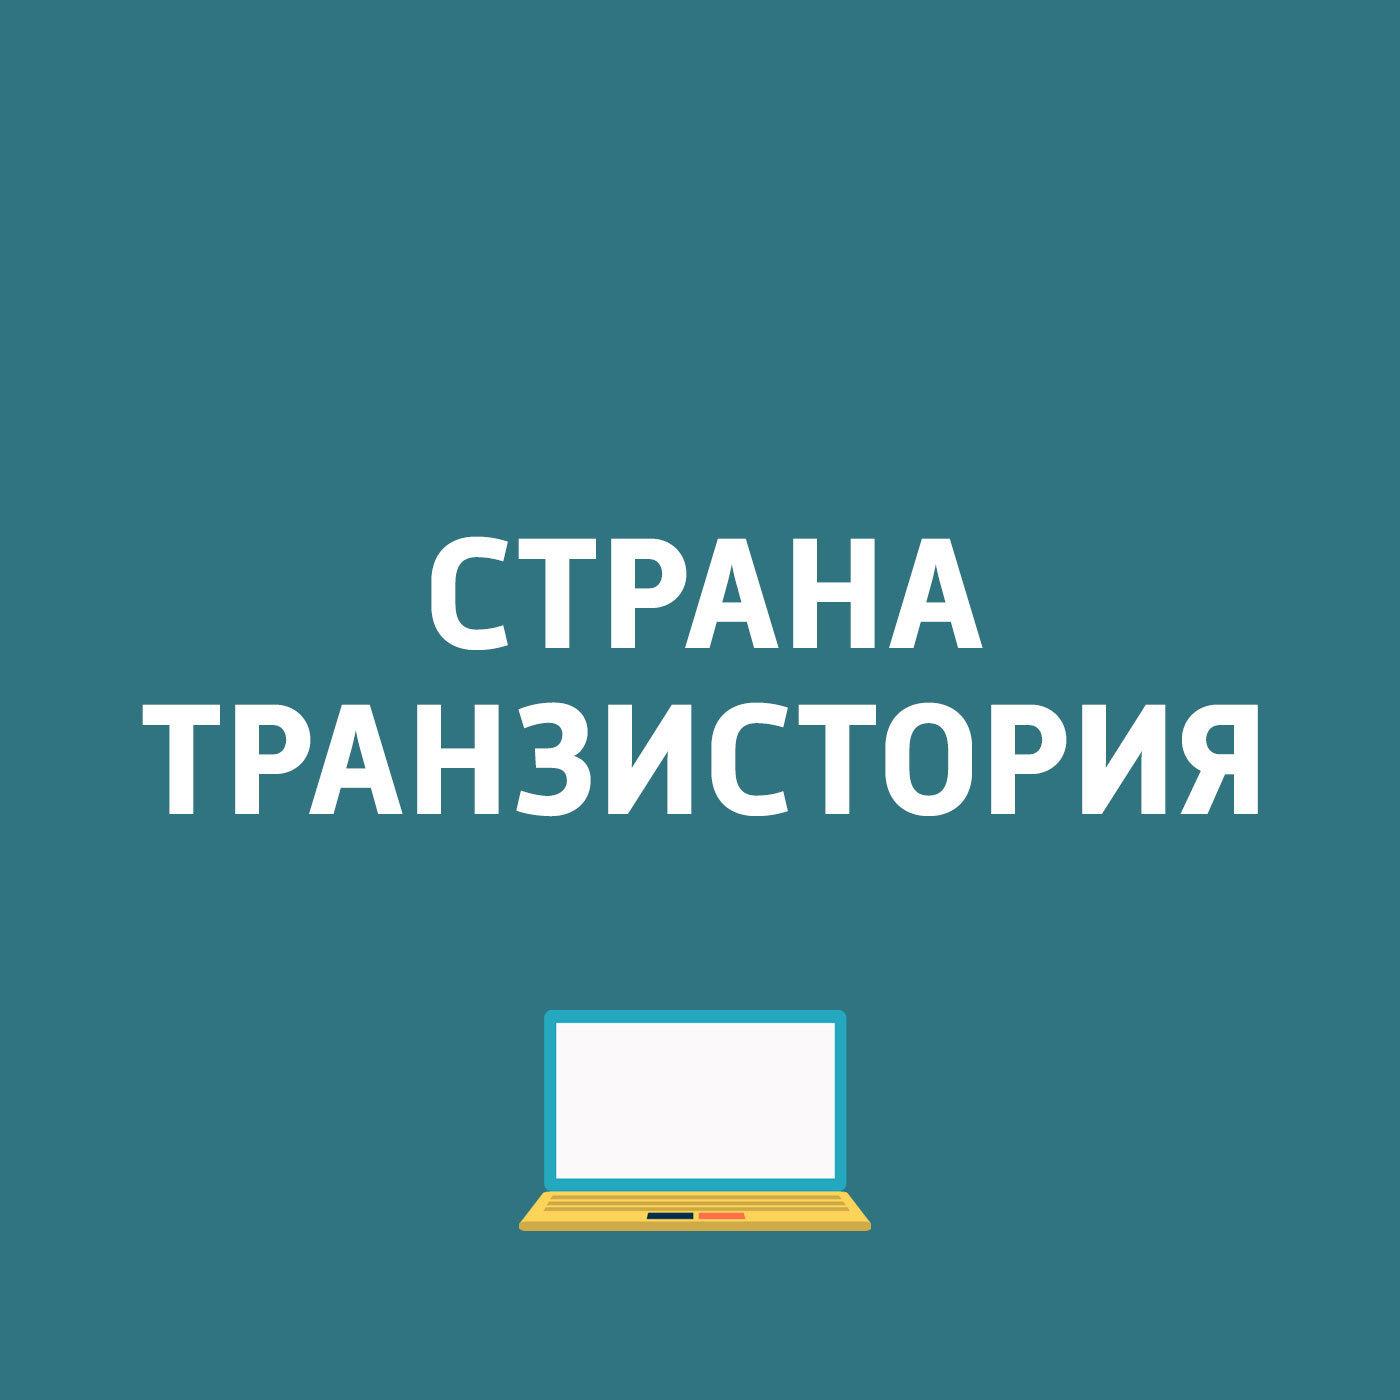 Картаев Павел Киберспорт признан официальным. Новый дизайн ВКонтакте. iPhone стало доступно приложение «Попутчик. «Яндекс» выпустил «Дзен»... смартфон lg x power k220ds 16gb